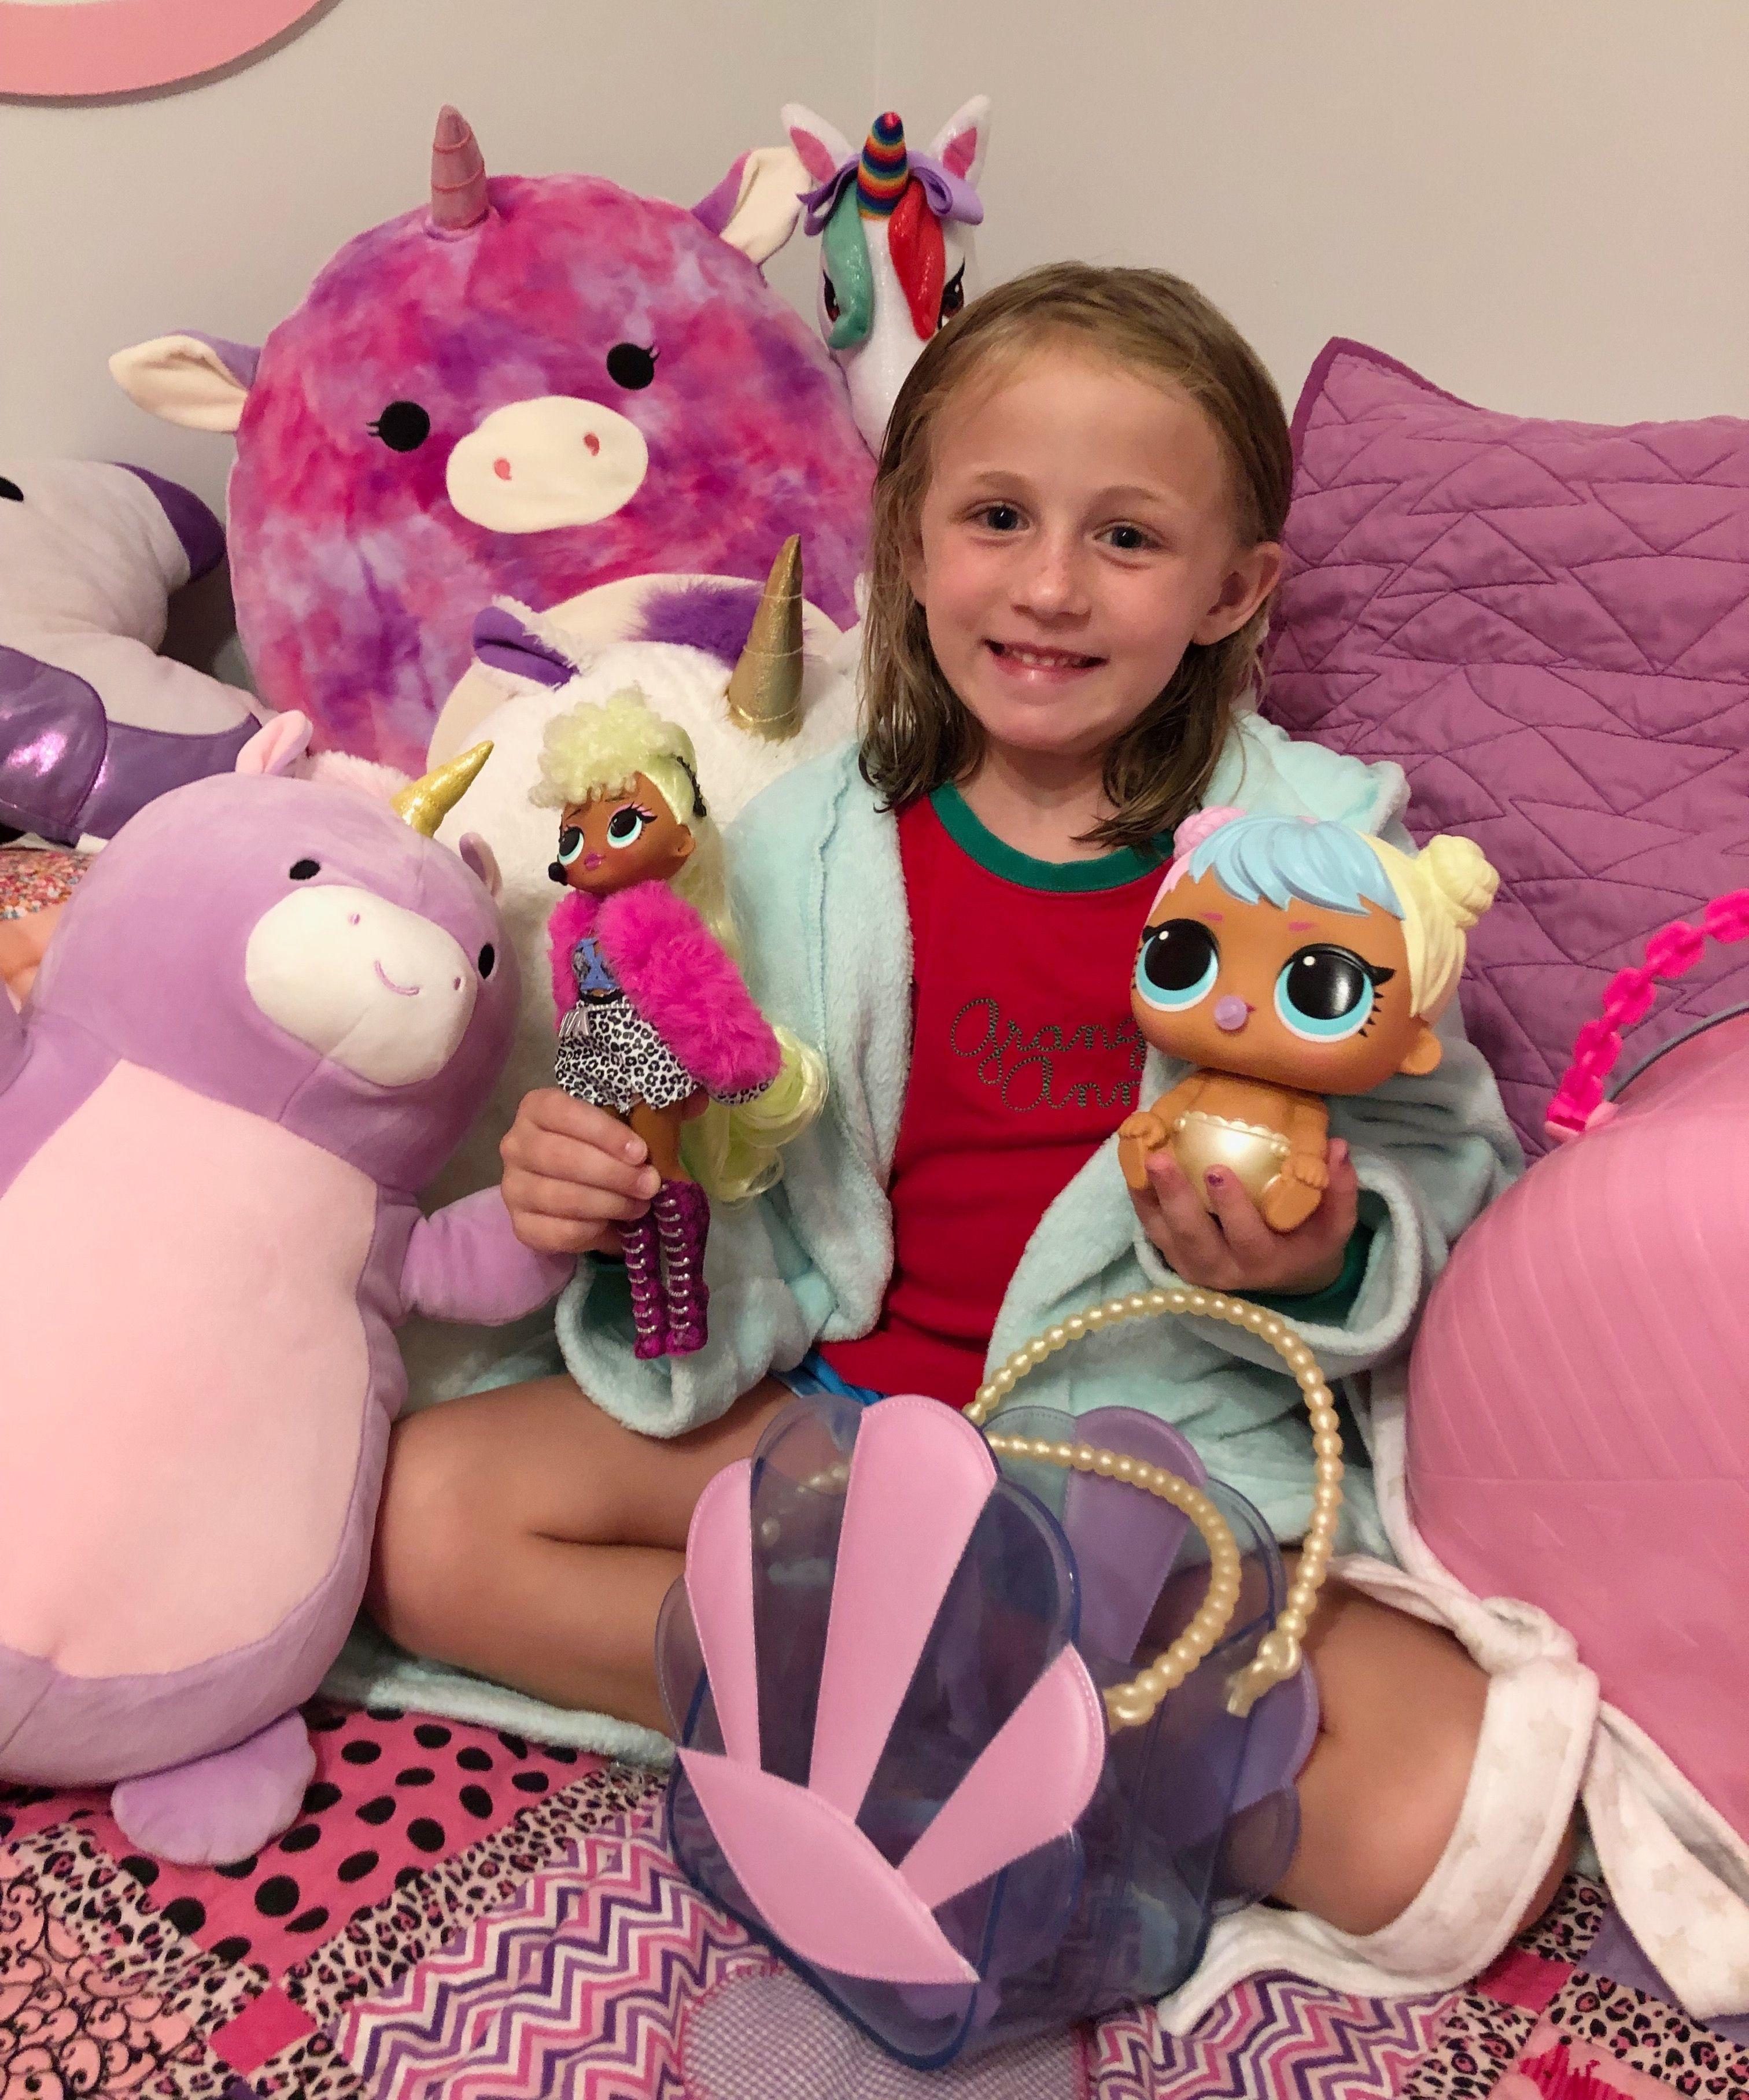 Big Penguin Stuffed Animal, Unicorn Toys Stuffed Animals Unicorn Stuffed Animal Lol Dolls Unicorn Toys